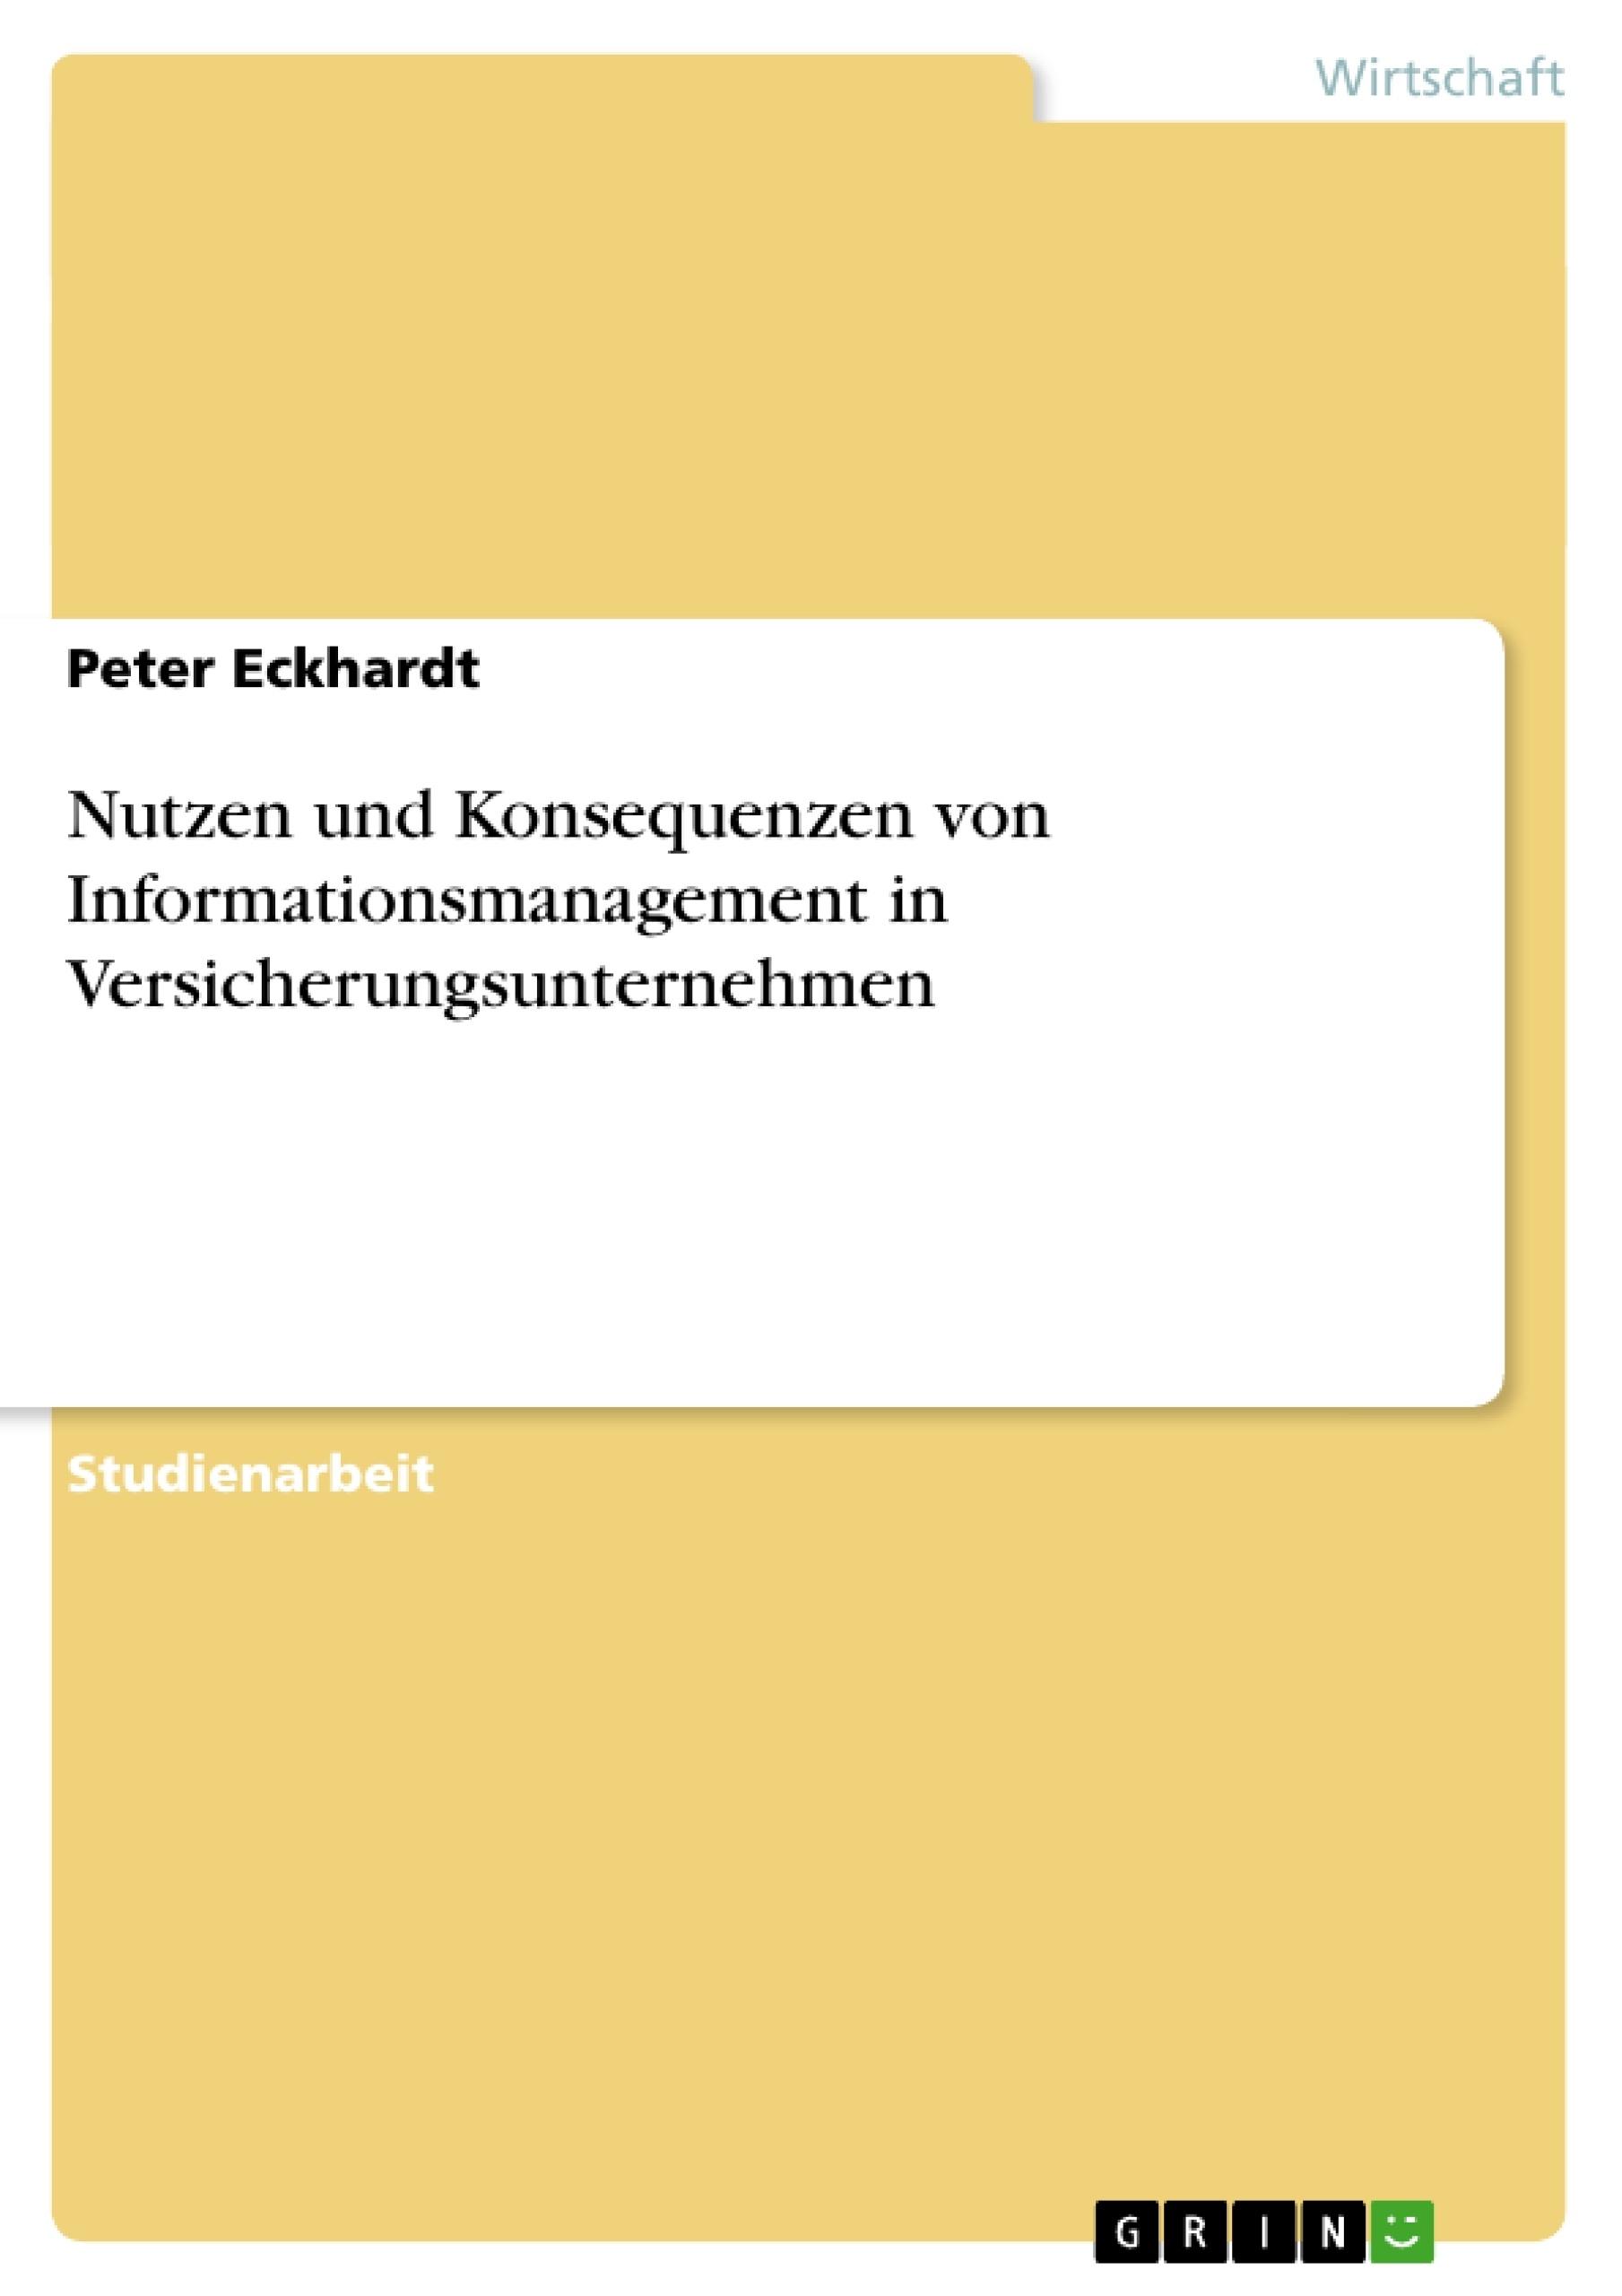 Titel: Nutzen und Konsequenzen von Informationsmanagement in Versicherungsunternehmen